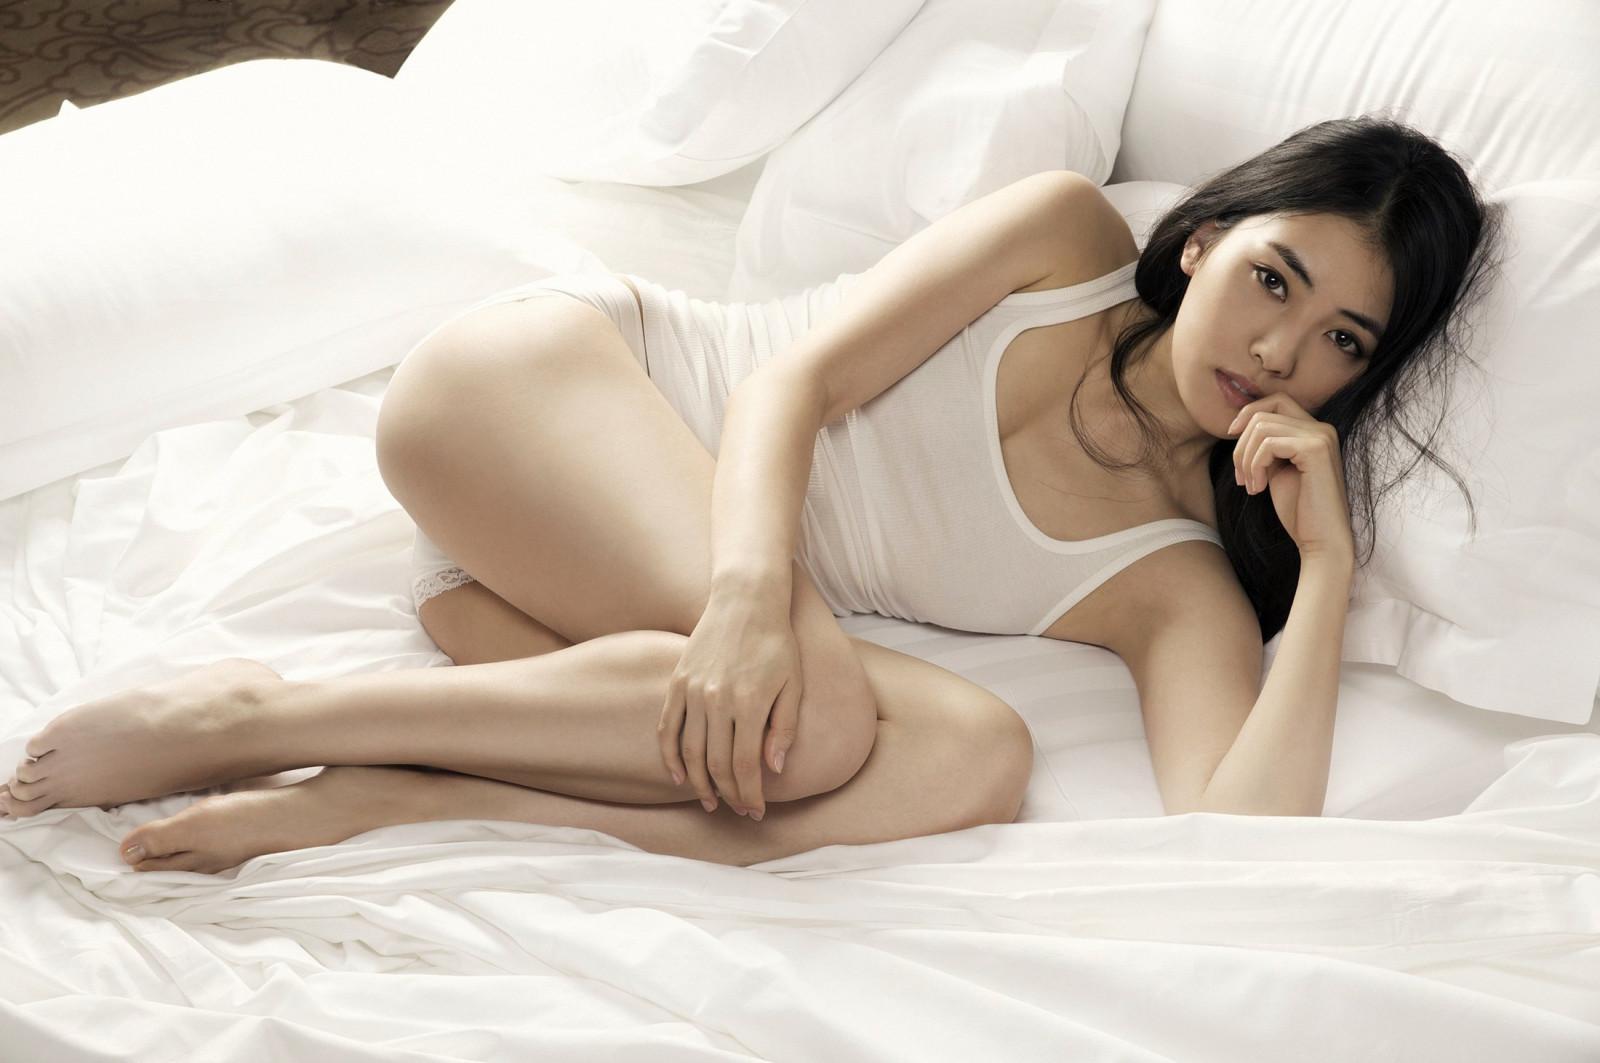 моя так азиатки в постели отзывы мамочки умеют